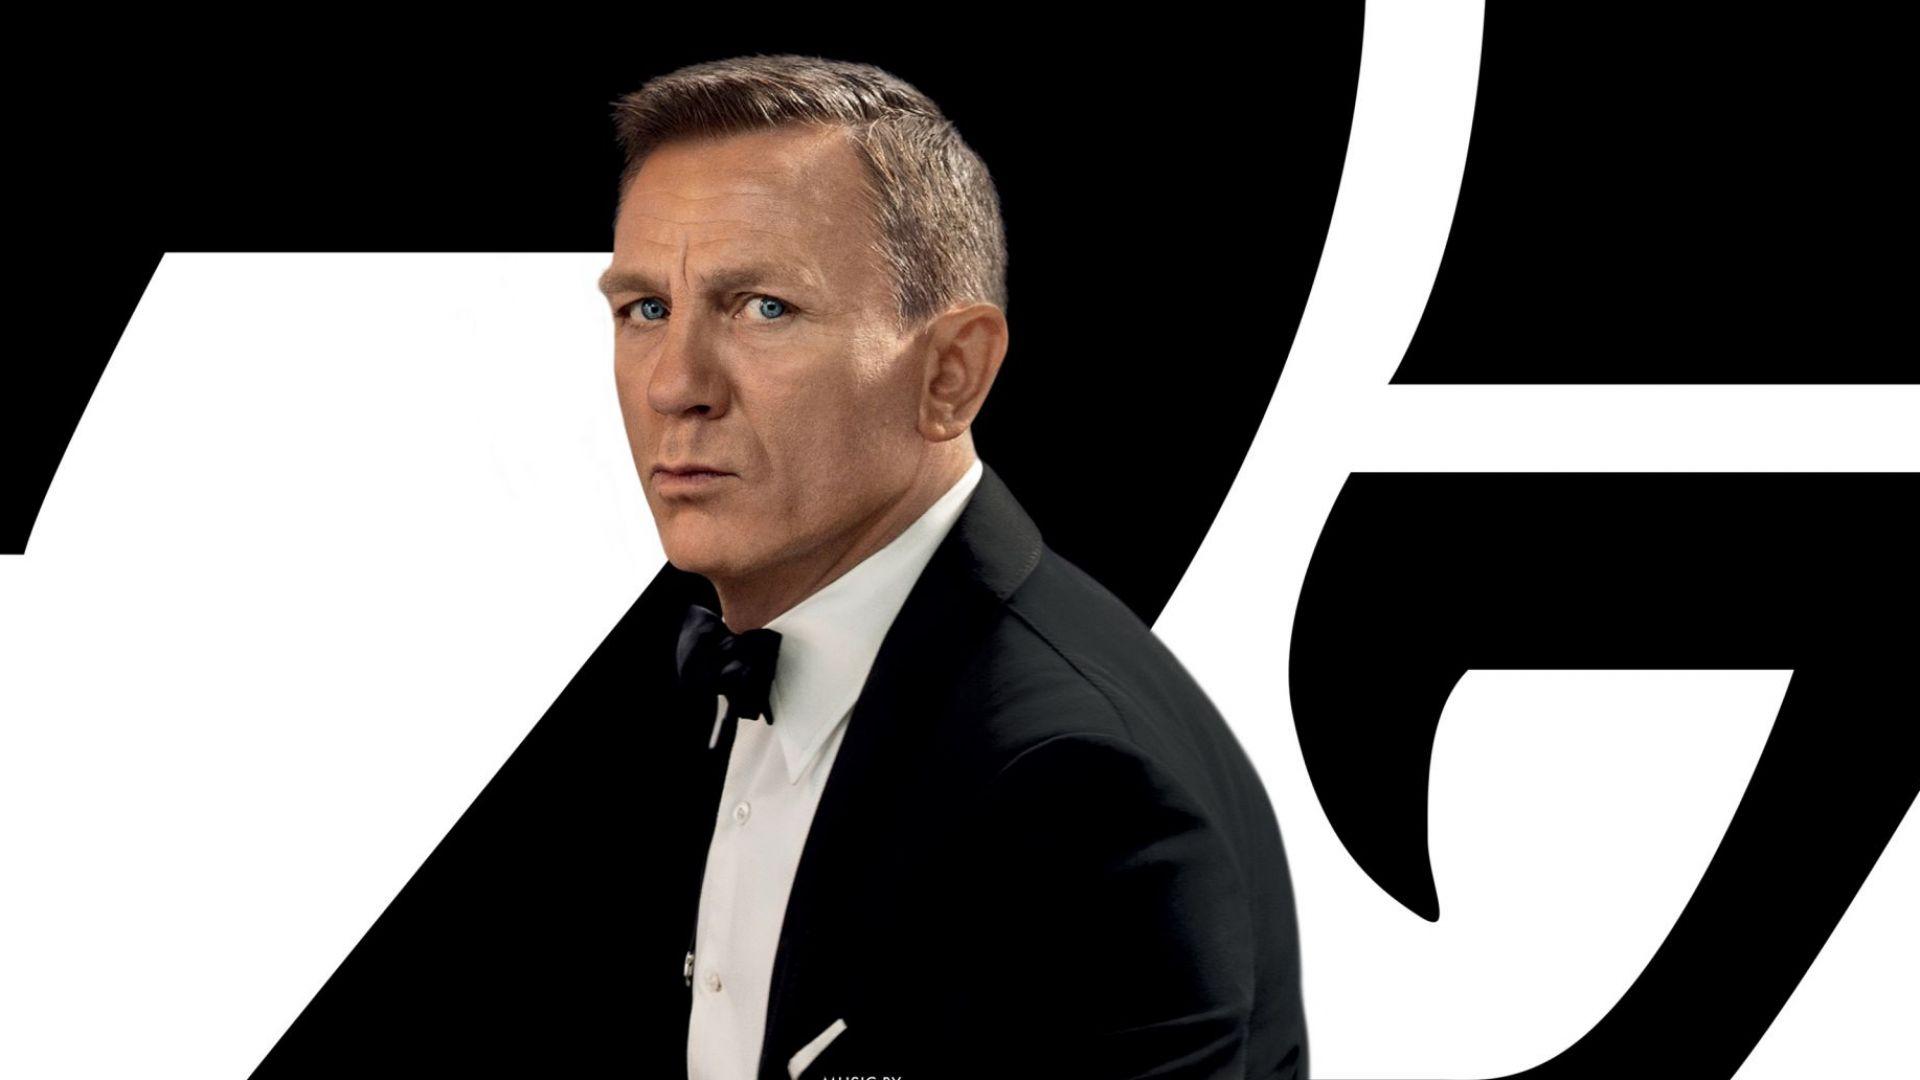 Създателите на новия филм за Джеймс Бонд планират бляскава премиера в Лондон